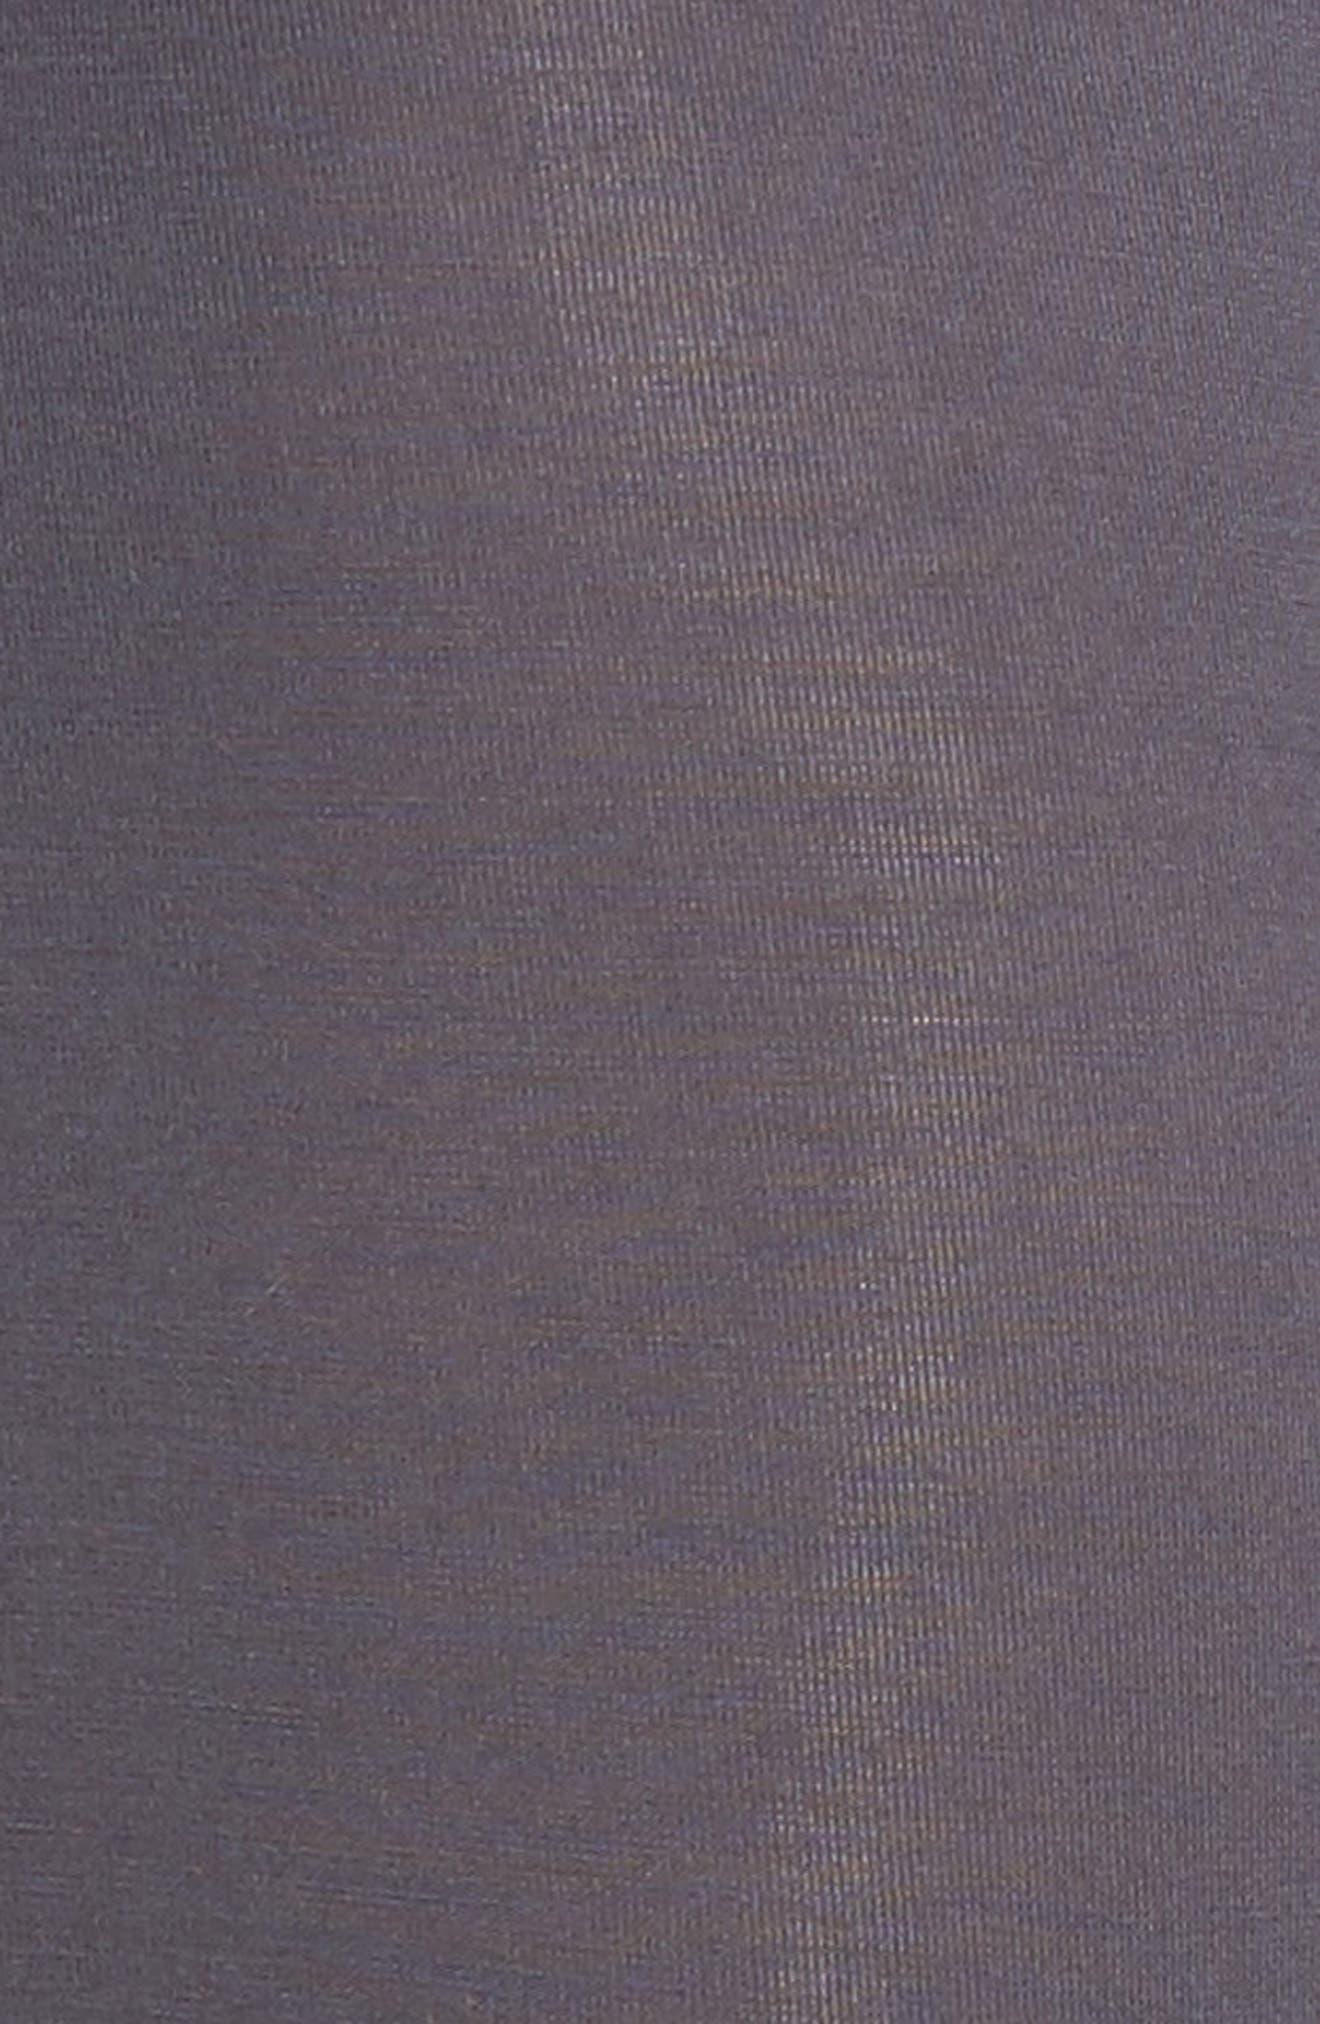 Second Skin Micromodal Trunks,                             Alternate thumbnail 13, color,